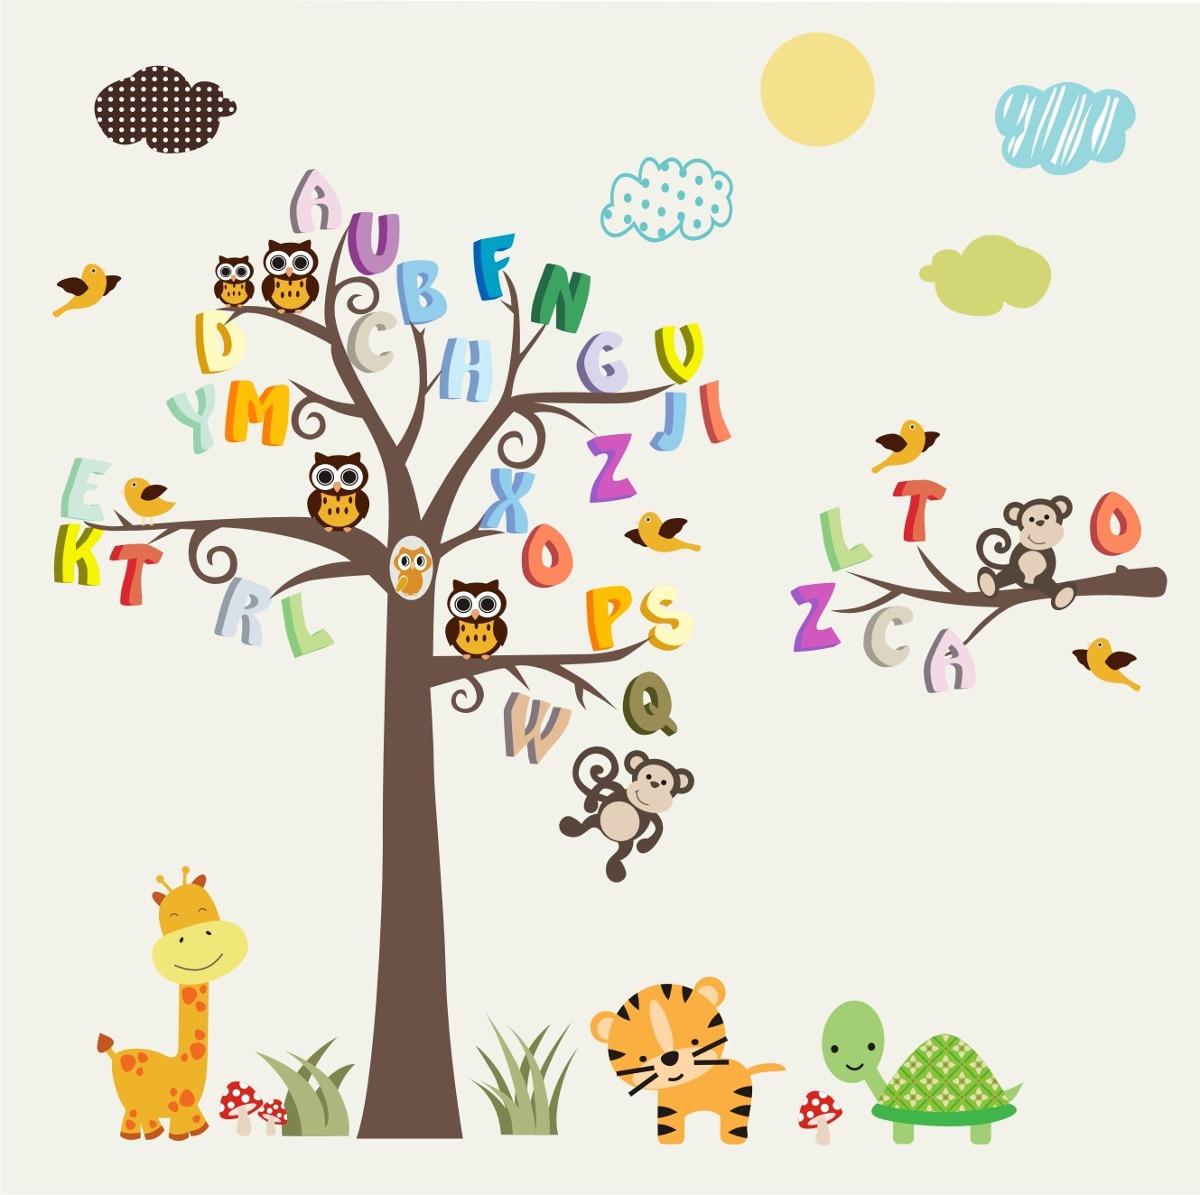 Artesanato Feltro Materiais ~ Adesivo Infantil Alfabeto Letra Macaco Girafa Arvore Zoo M99 R$ 148,00 em Mercado Livre